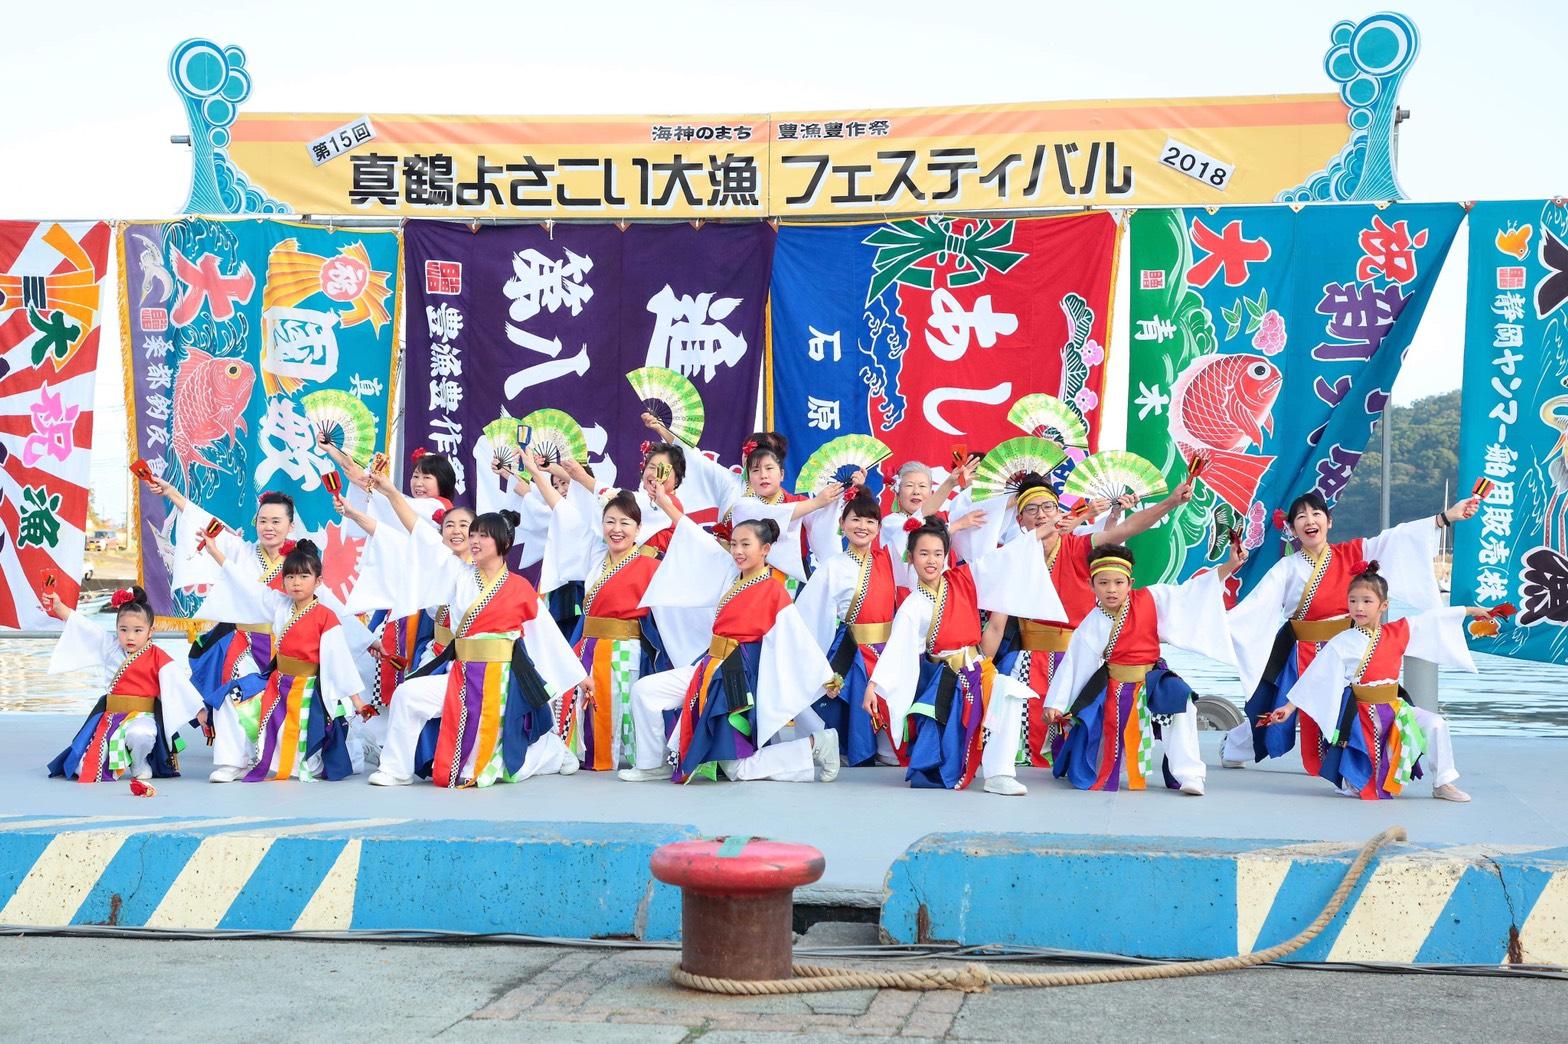 【真鶴町】第16回 真鶴よさこい大漁フェスティバル2019